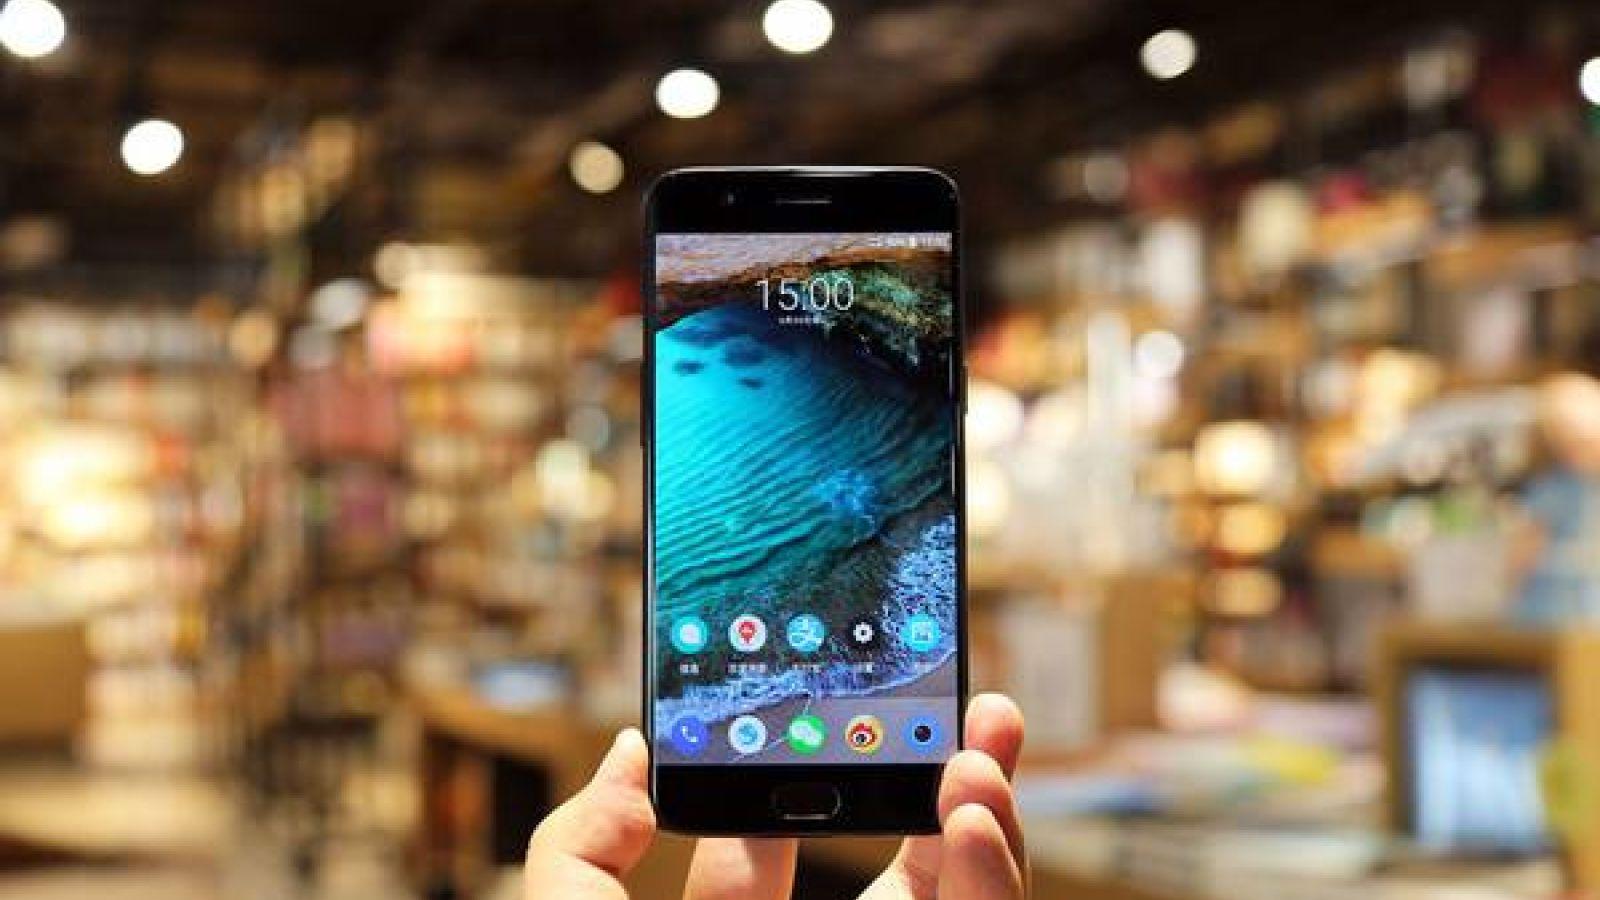 流畅体验新标签:手机6G+大内存时代来临